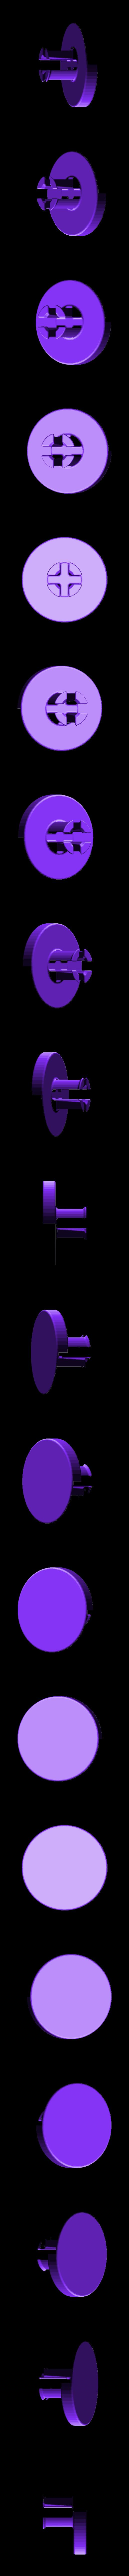 patch.stl Télécharger fichier STL gratuit Levier • Design à imprimer en 3D, omni-moulage